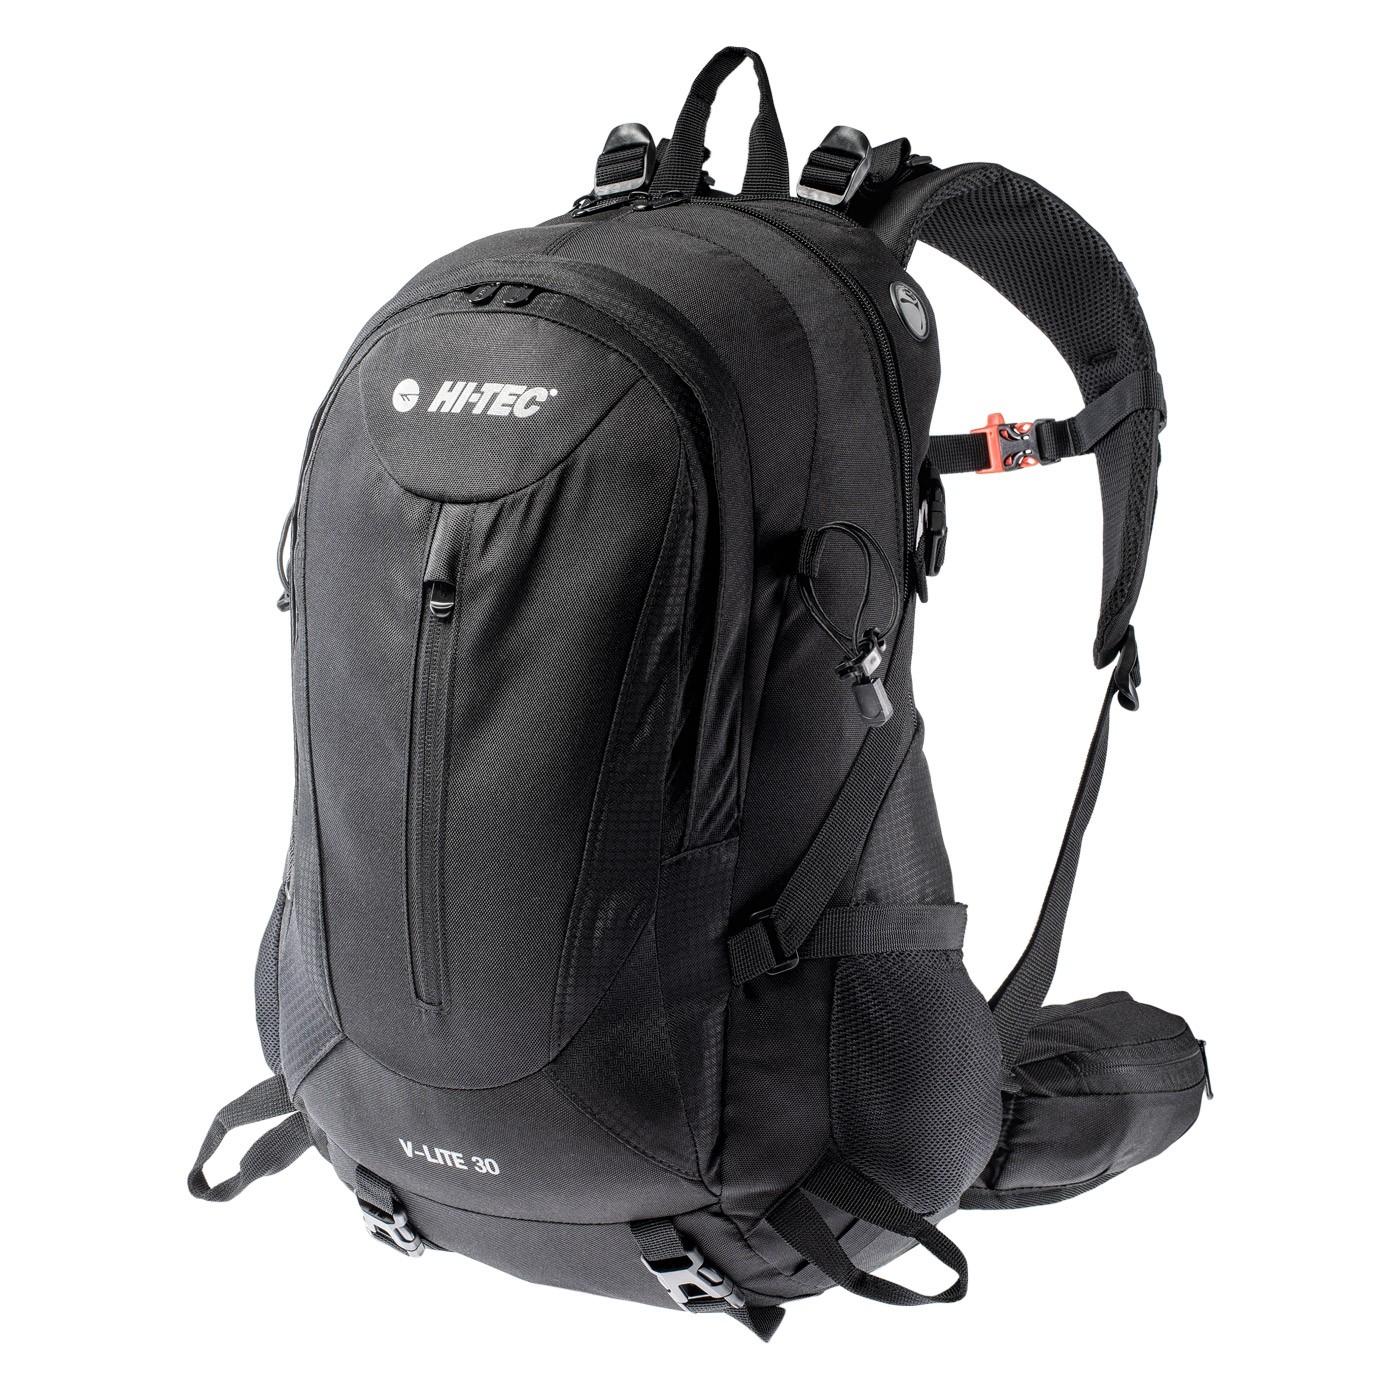 HI-TEC V-LITE 30 - turistický batoh Barva: Černá